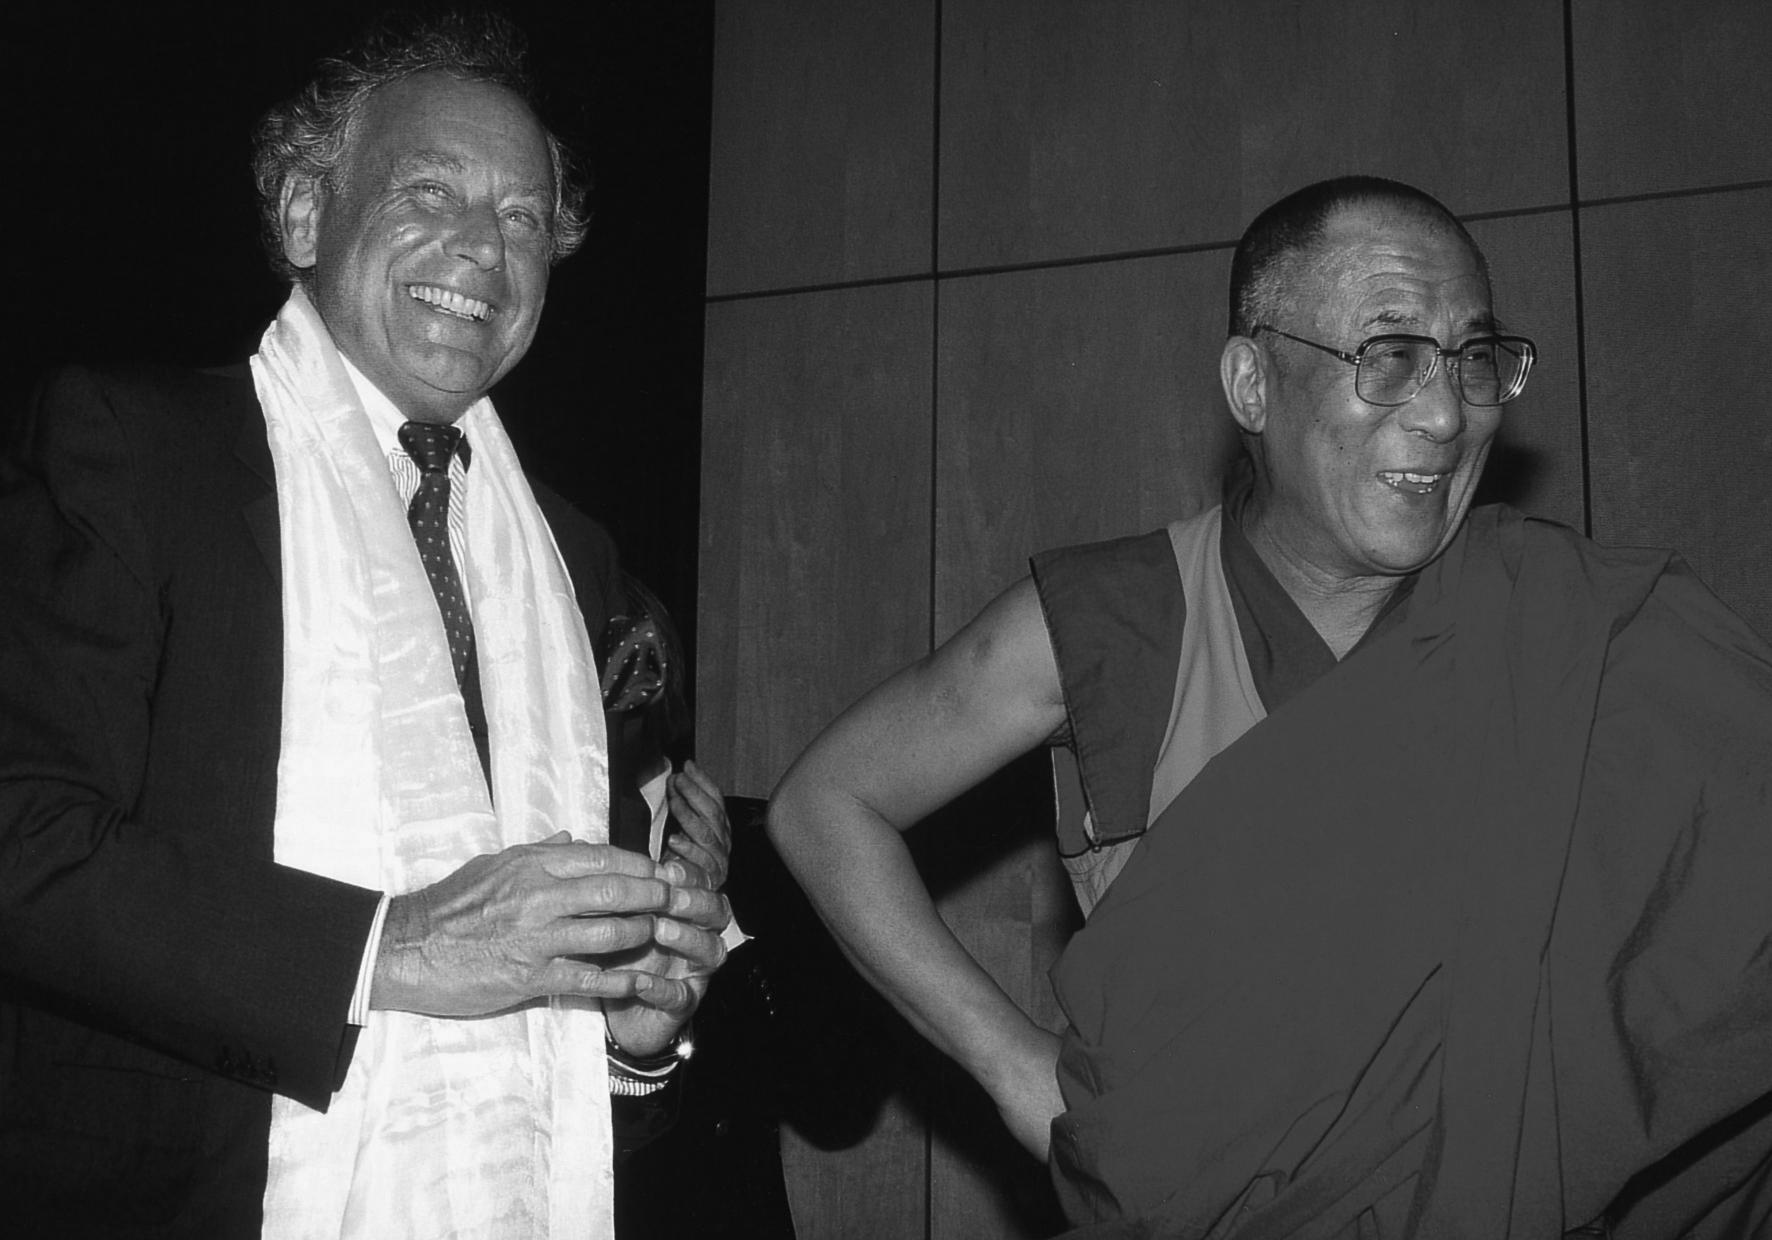 1999 - Reinhold Würth e il XIV Dalai Lama in occasione della visita di quest'ultimo a Künzelsau-Gaisbach